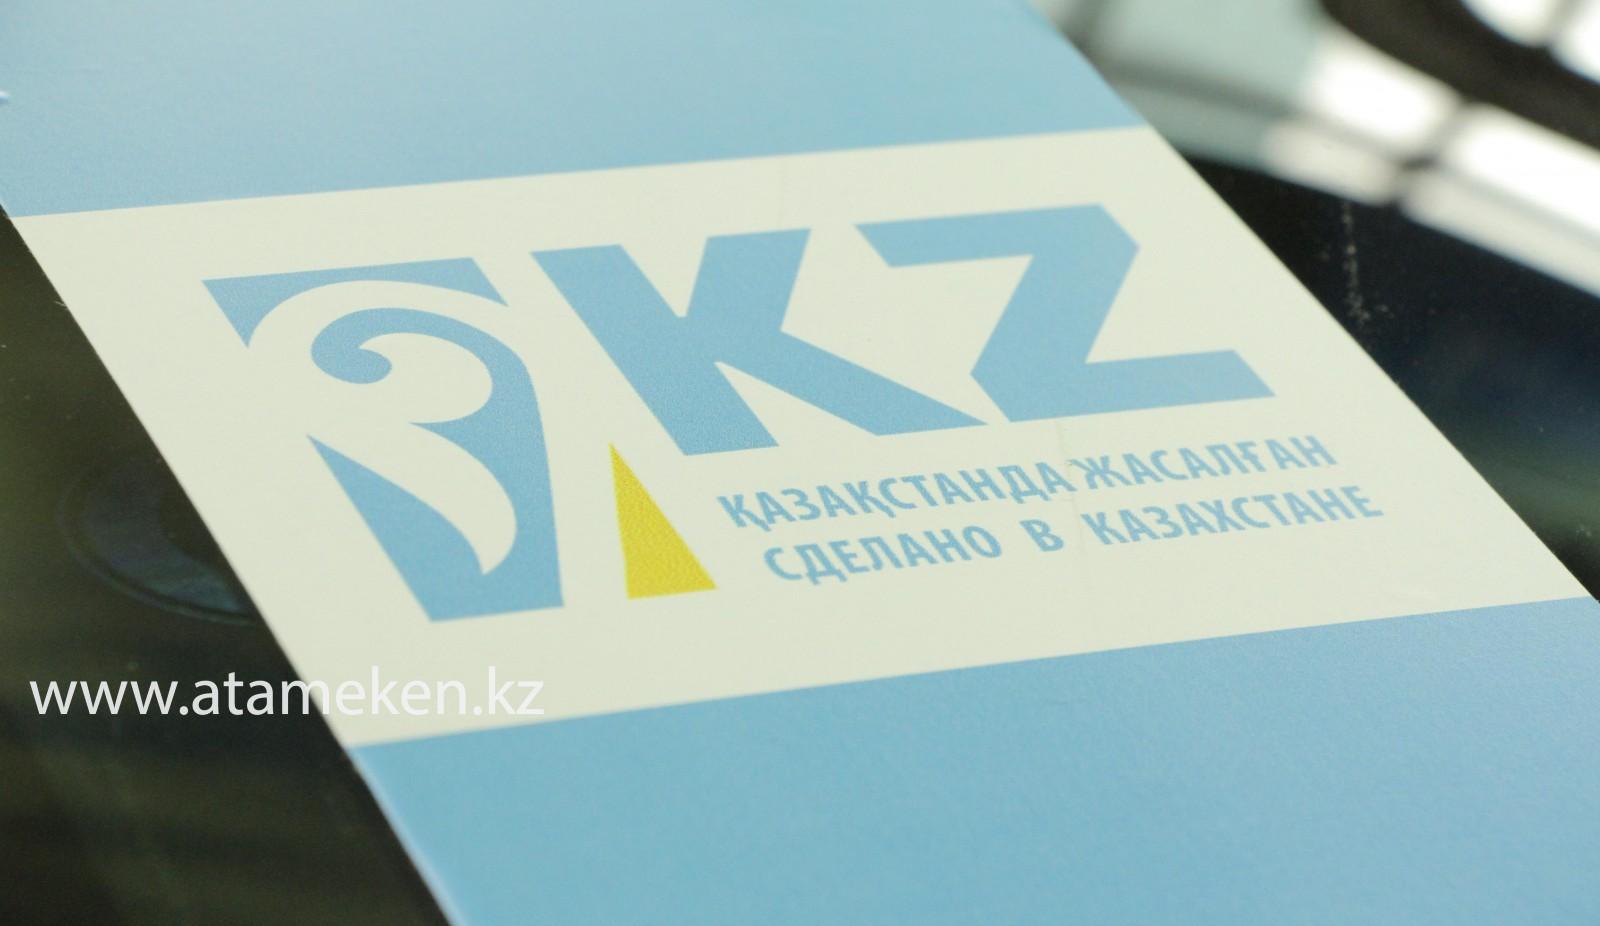 В Астрахани начала работу выставка «Сделано в Казахстане»